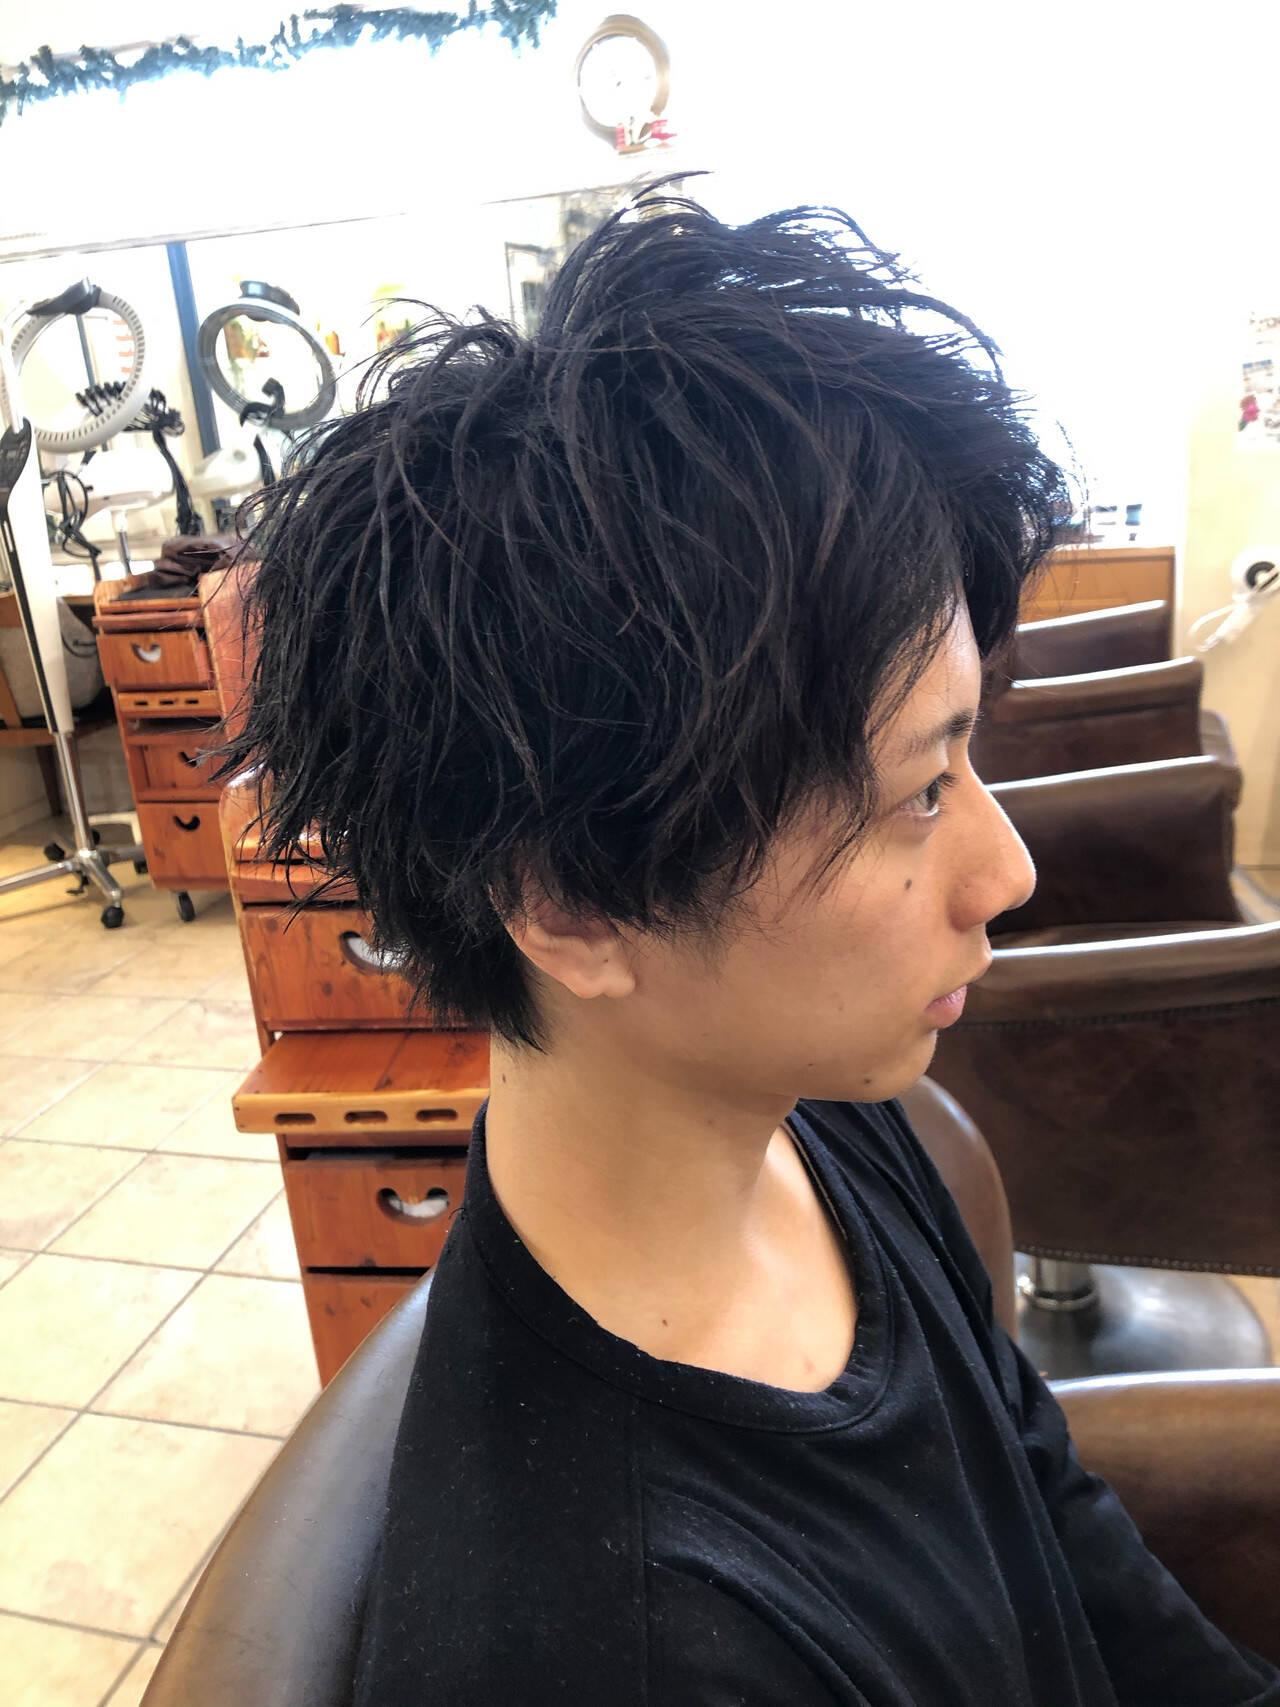 メンズ メンズヘア メンズカット メンズショートヘアスタイルや髪型の写真・画像